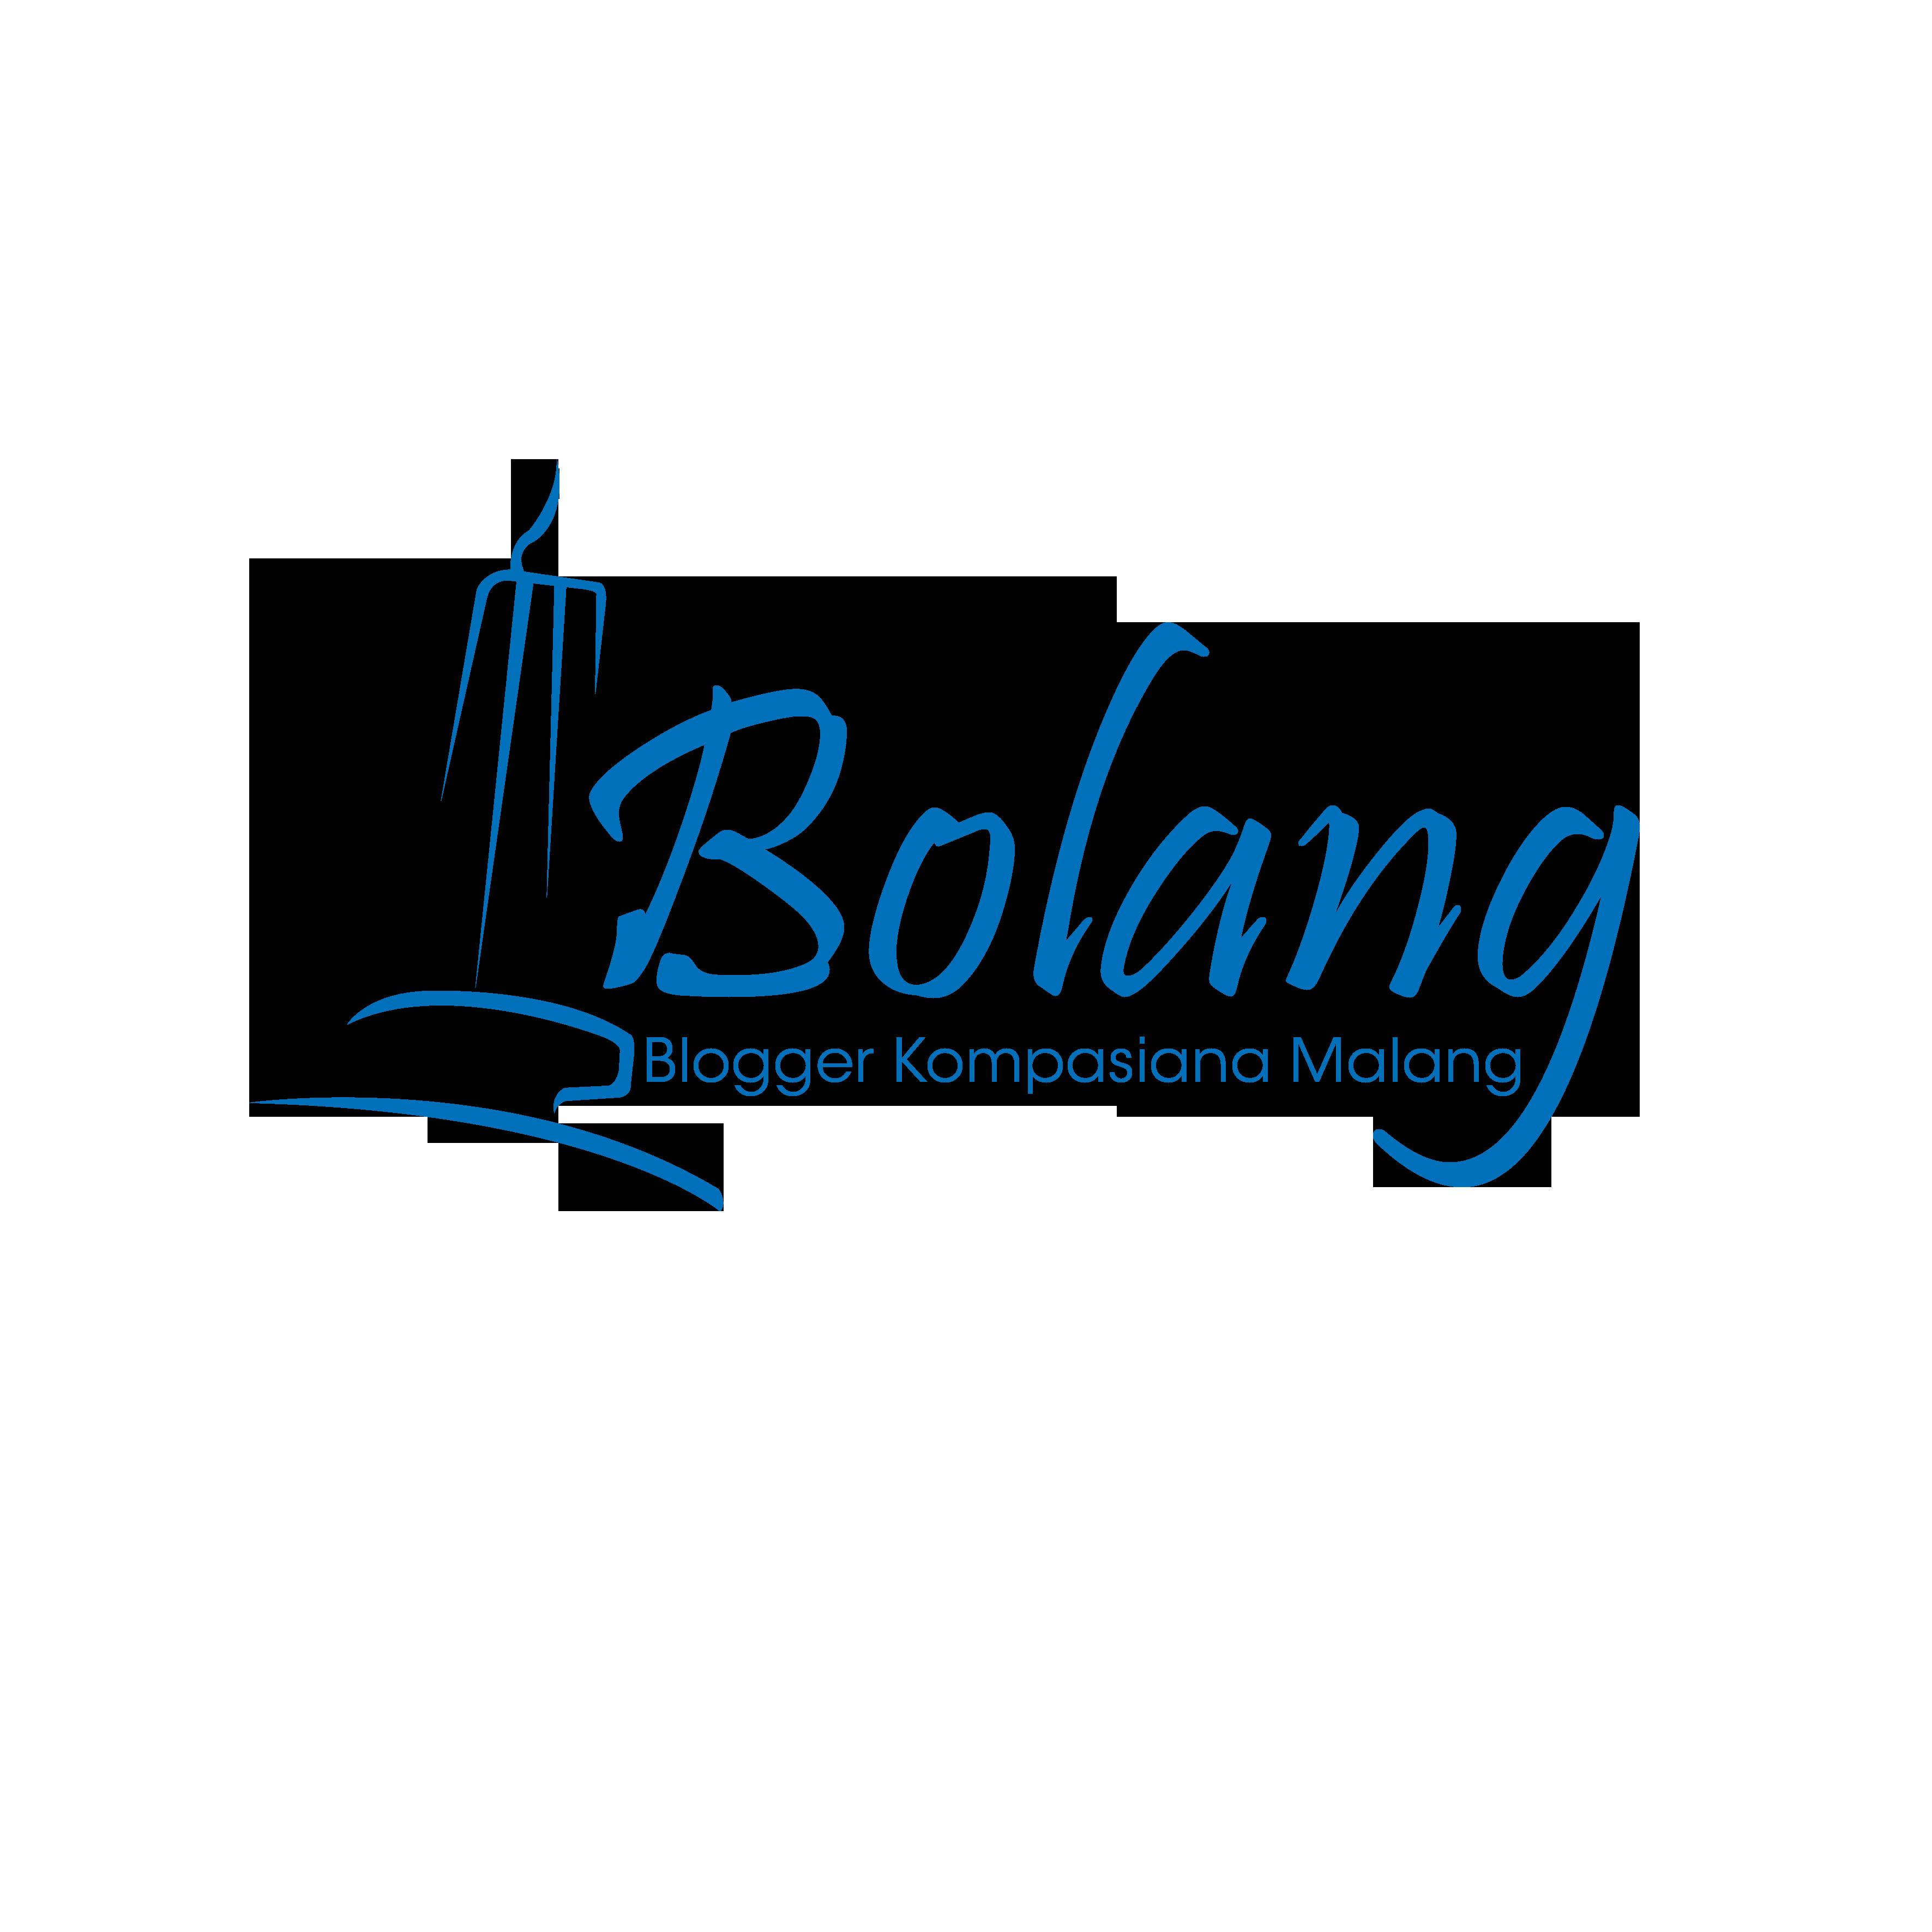 items/kaleidoskop_2020/bolang-1607599124.png